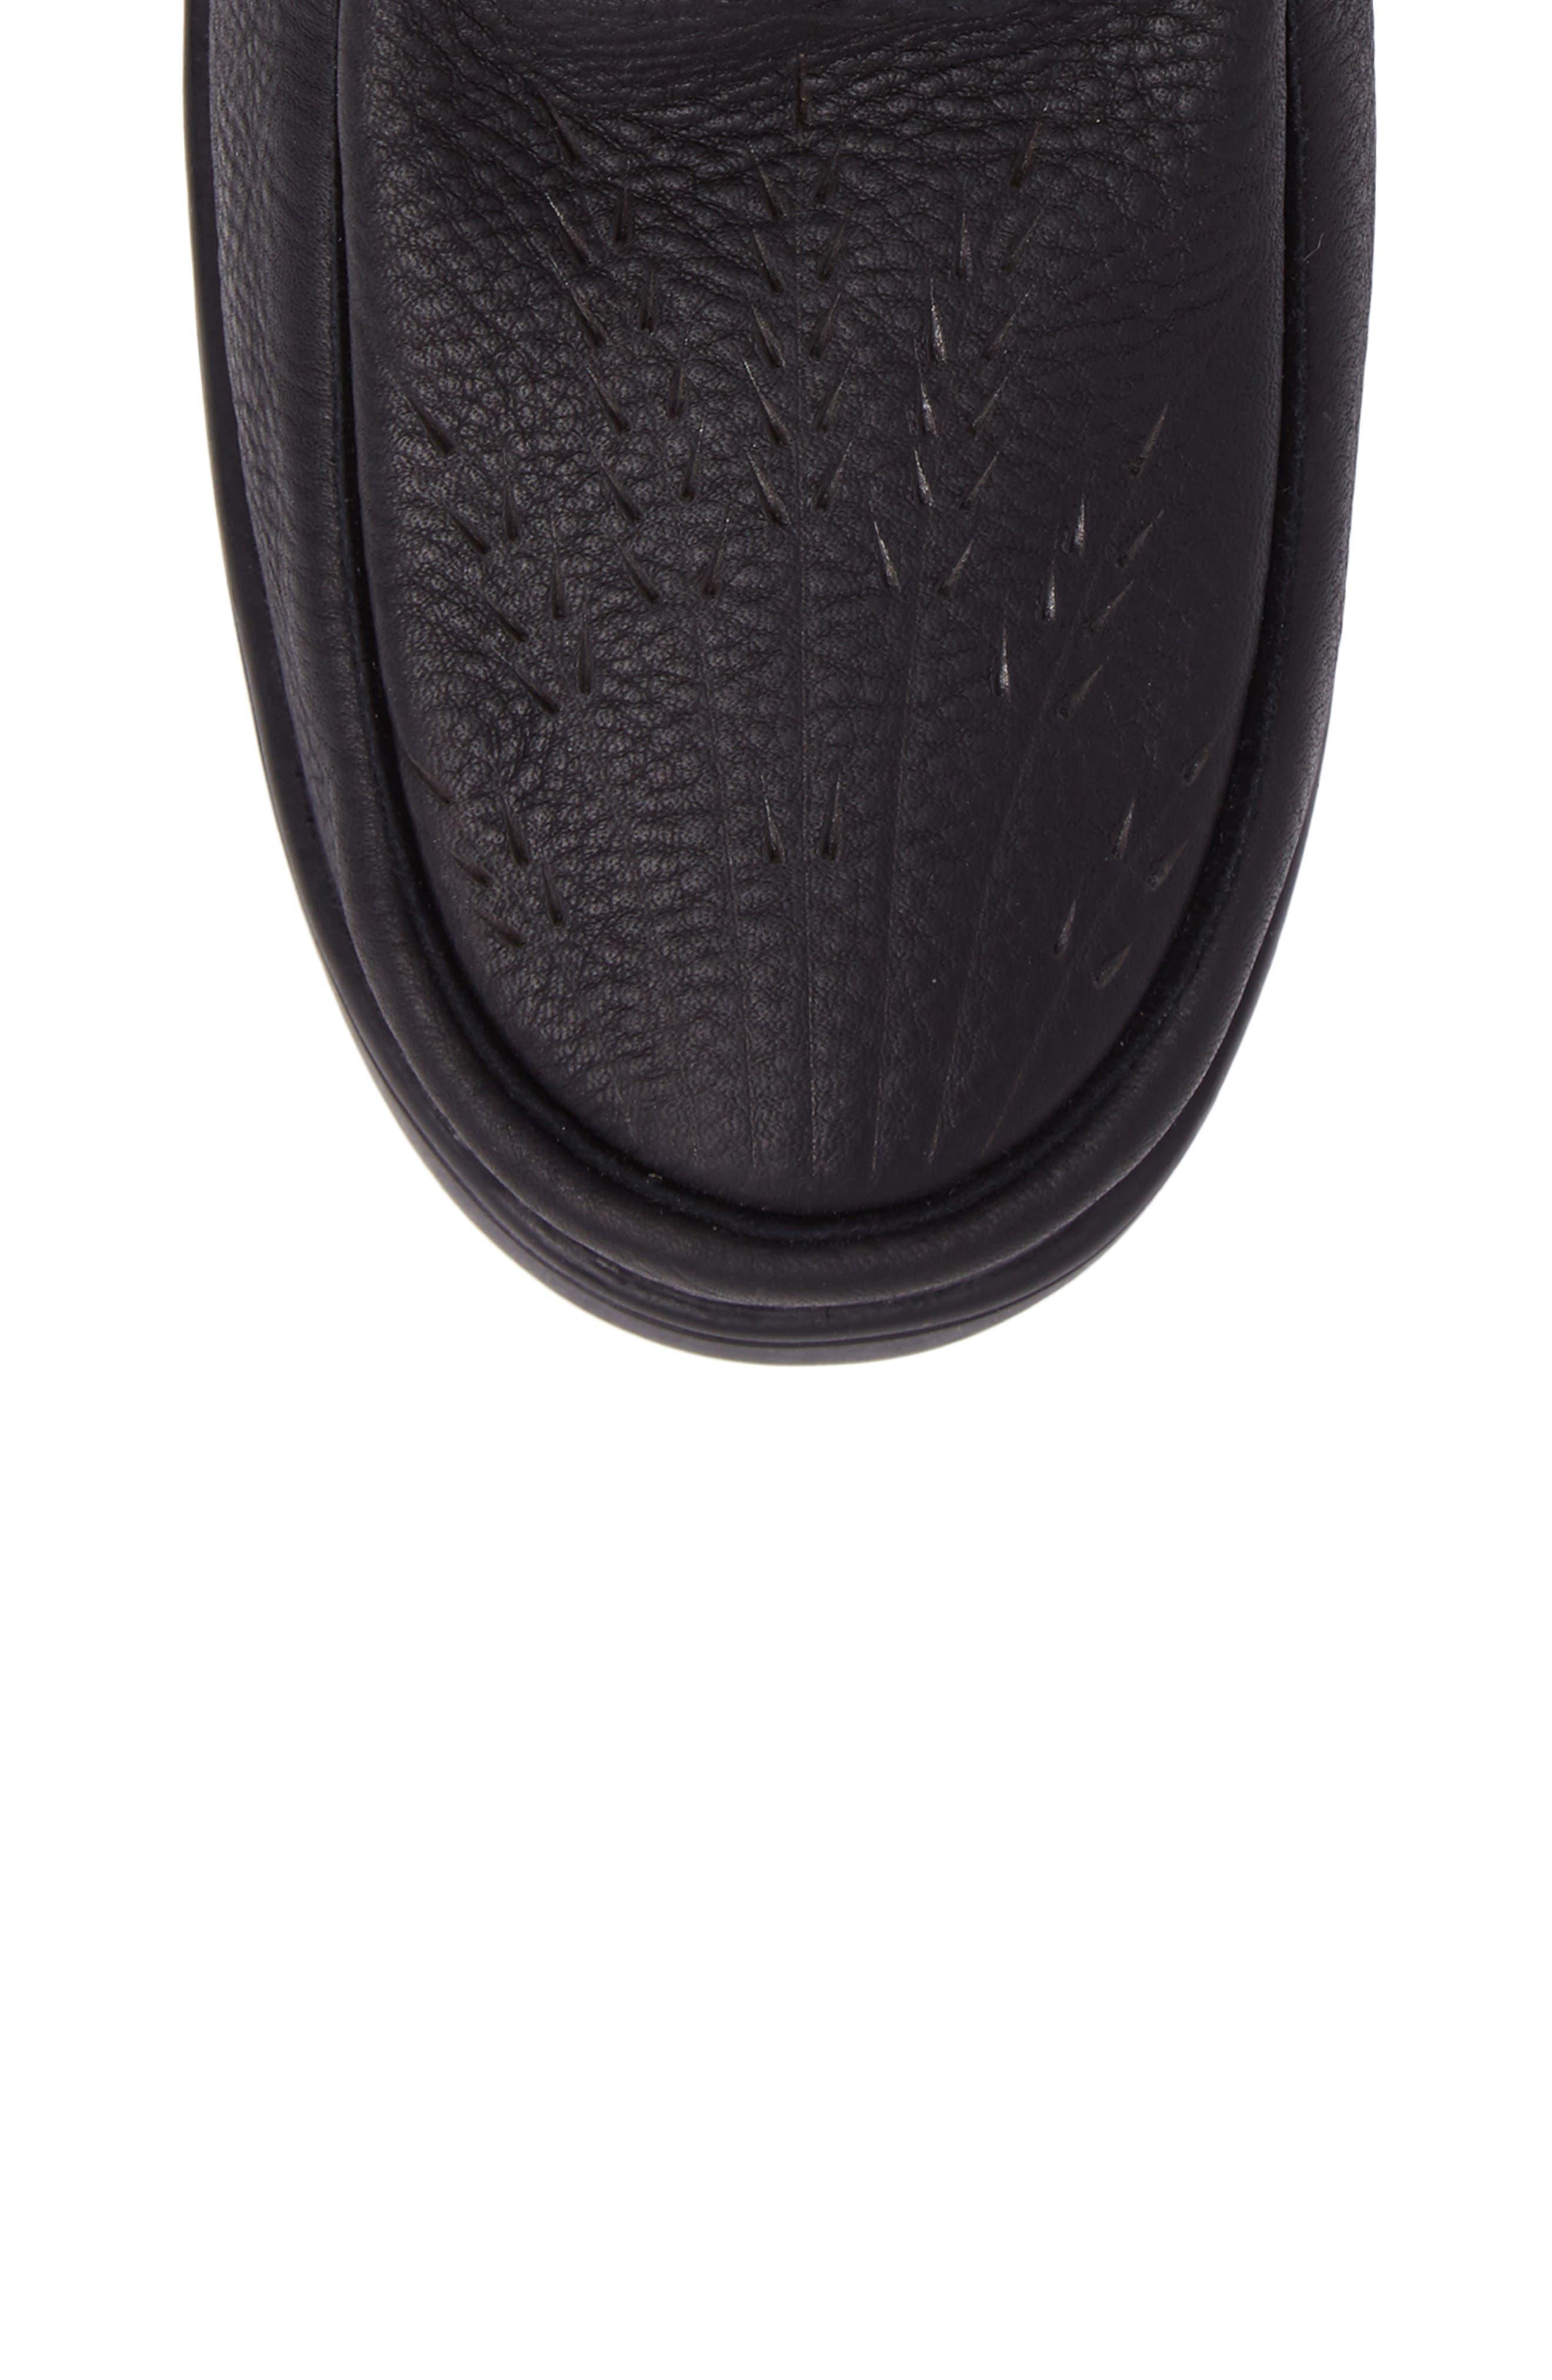 MANITOBAH MUKLUKS,                             Tamarack Waterproof Genuine Shearling Boot,                             Alternate thumbnail 5, color,                             001